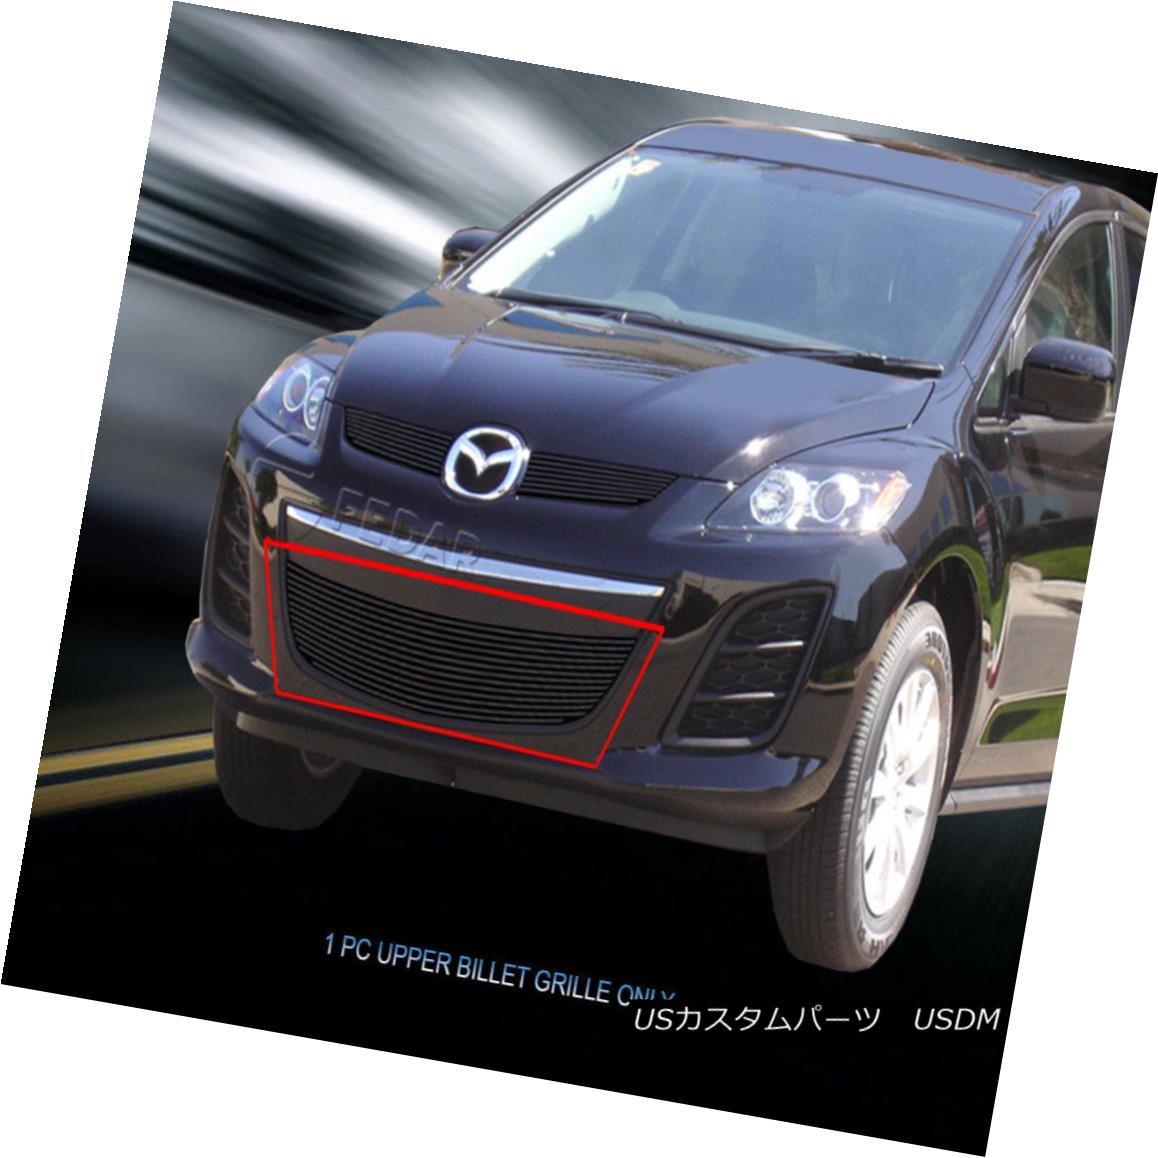 グリル 2010-2012 Mazda CX-7 CX7 Black Billet Grille Bumper Grill Insert Fedar 2010-2012マツダCX-7 CX7ブラックビレットグリルバンパーグリルインサートフェルダー